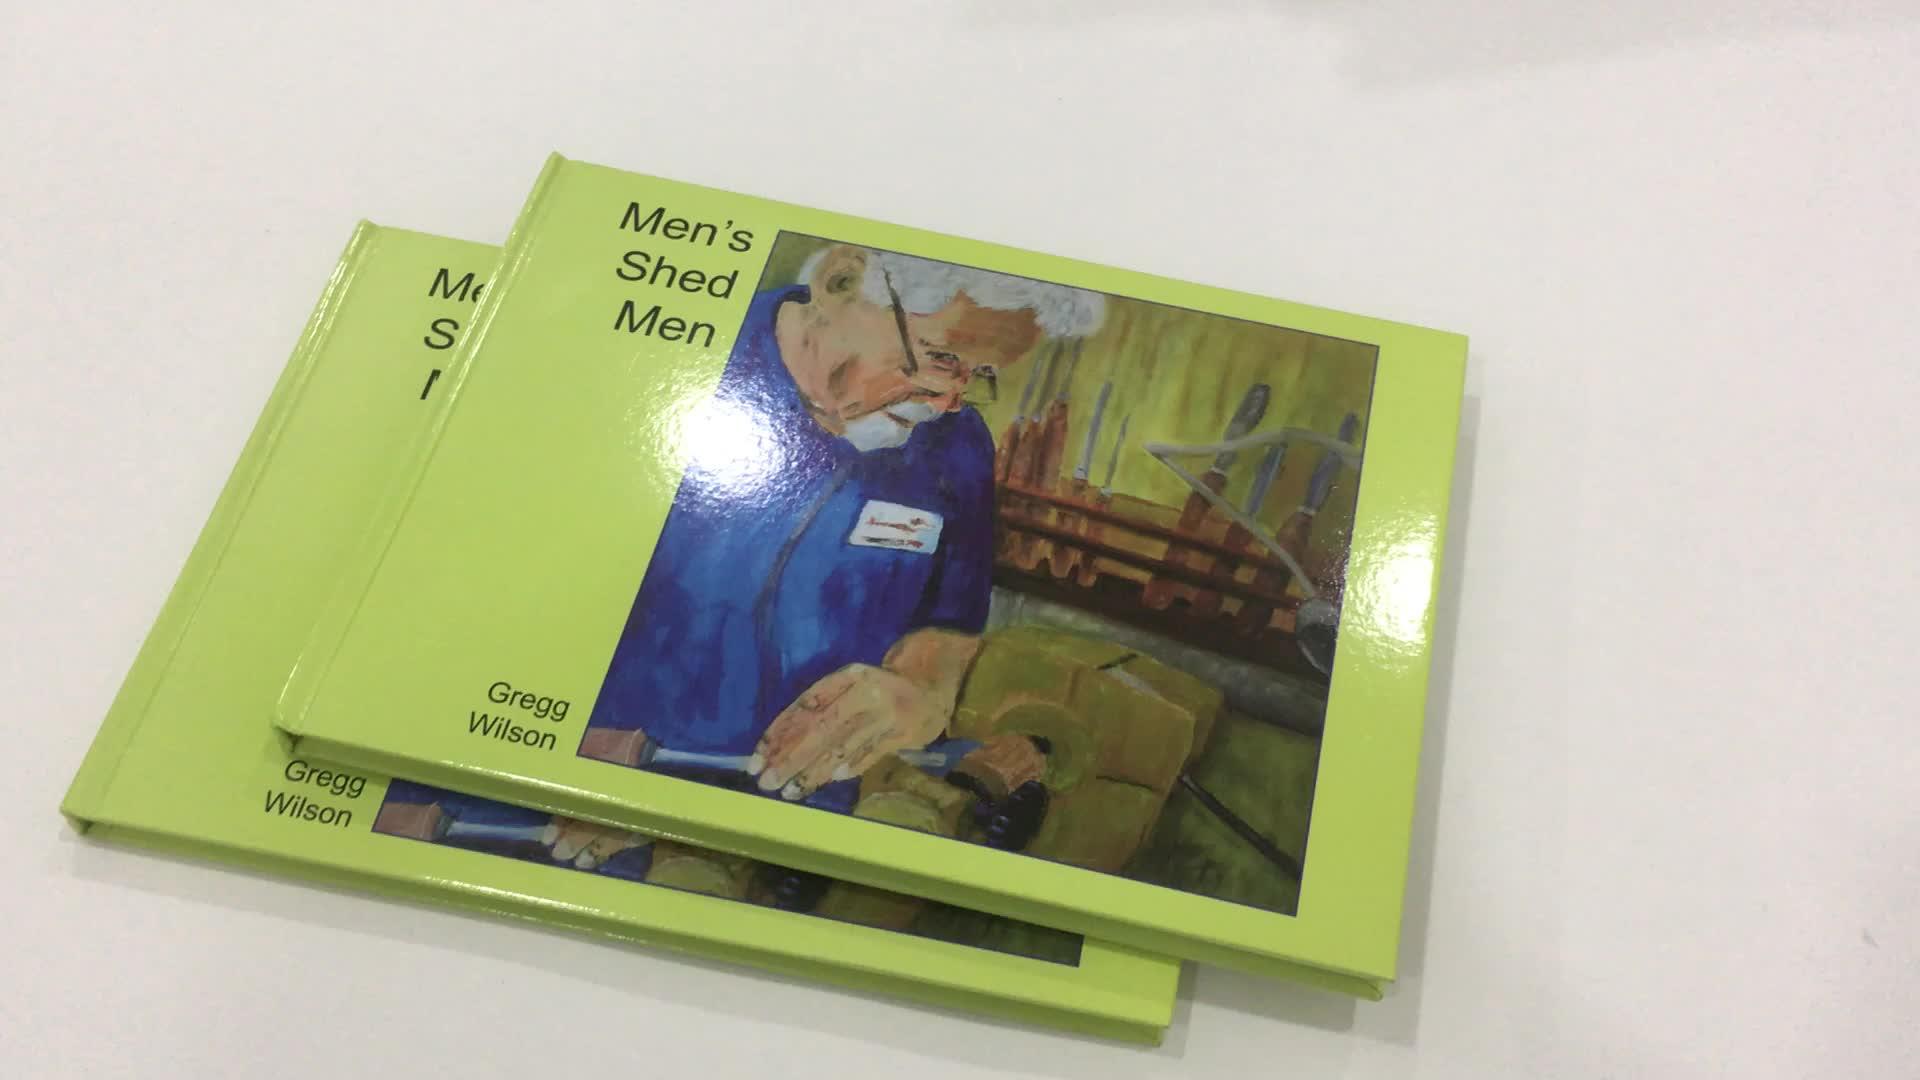 Serviços de impressão de papel personalizado educacional crianças livro de registro de música e crianças falando livro placa de som impressão do livro